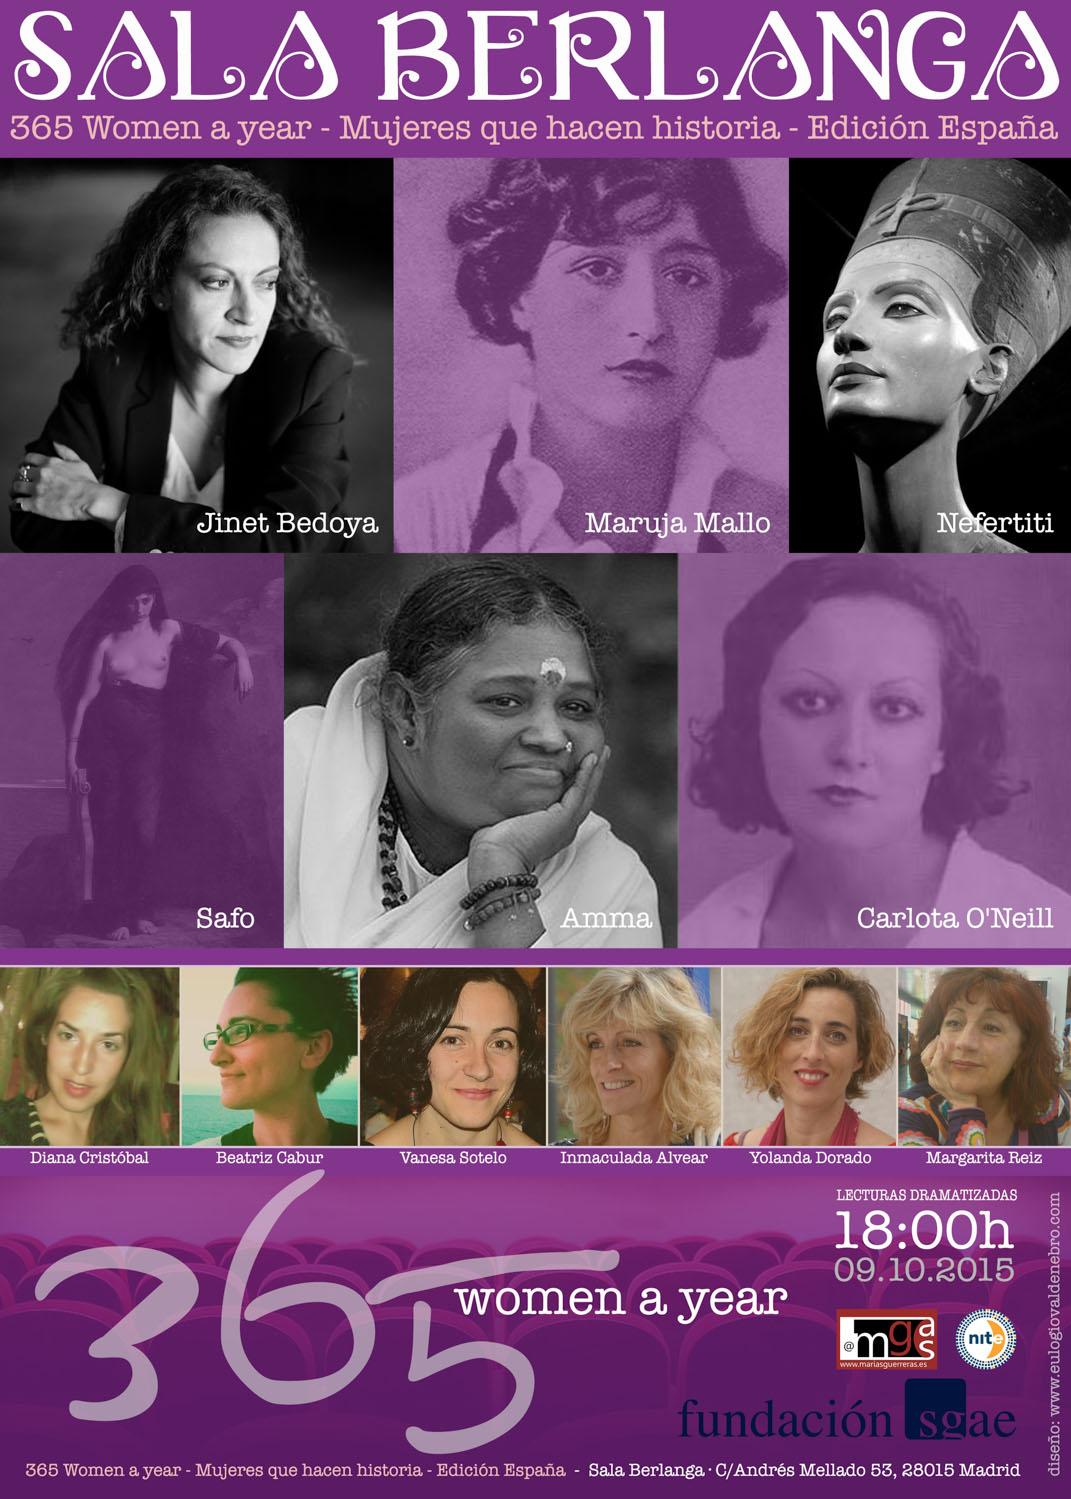 365 WOMEN A YEAR Y EL HUERTO DE LA PARRA